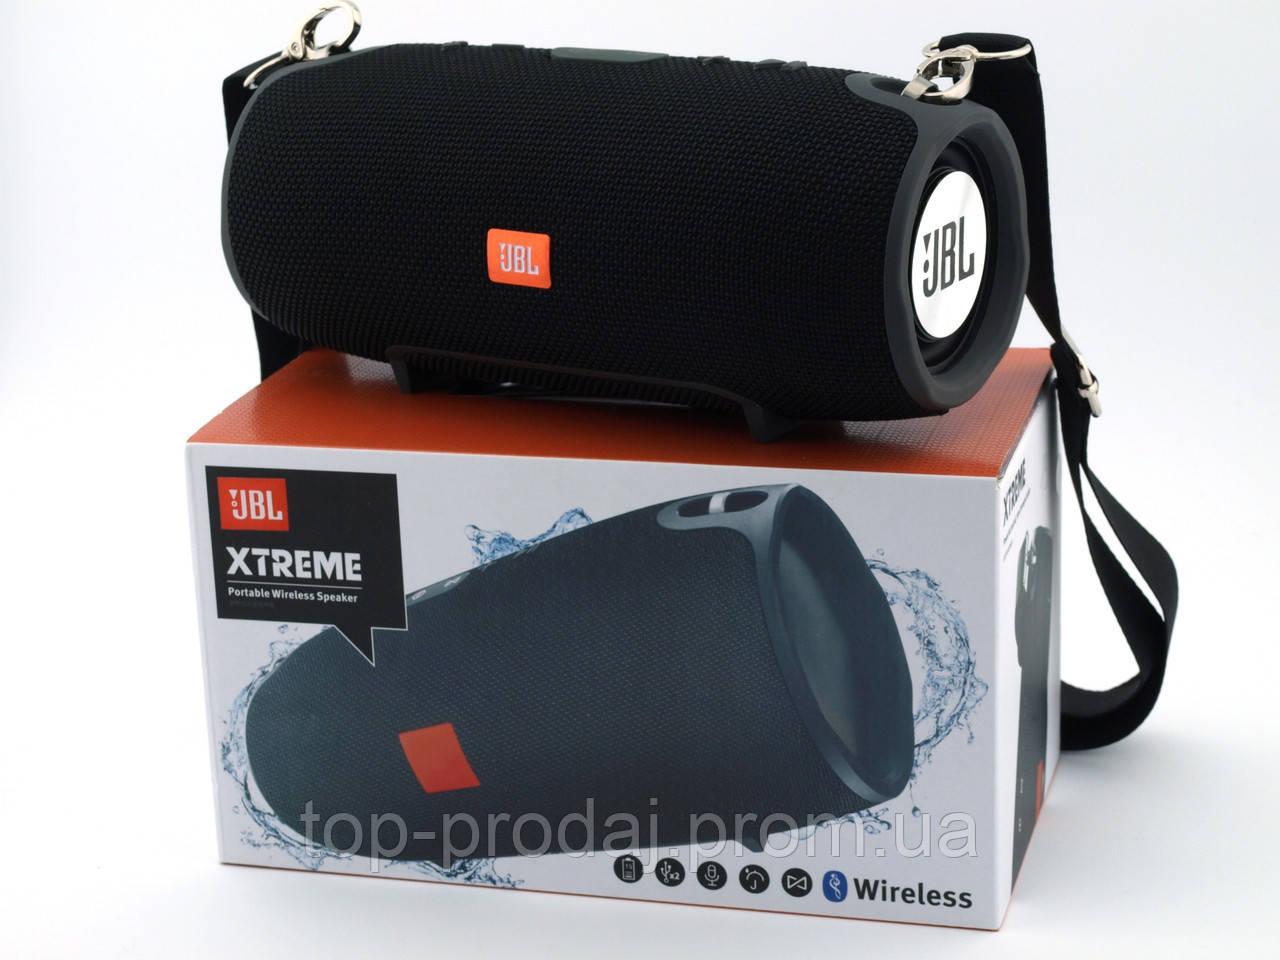 Портативная колонка Xtreme mini, Беспроводная колонка, Bluetooth колонка, Переносной динамик, Блютуз колонка